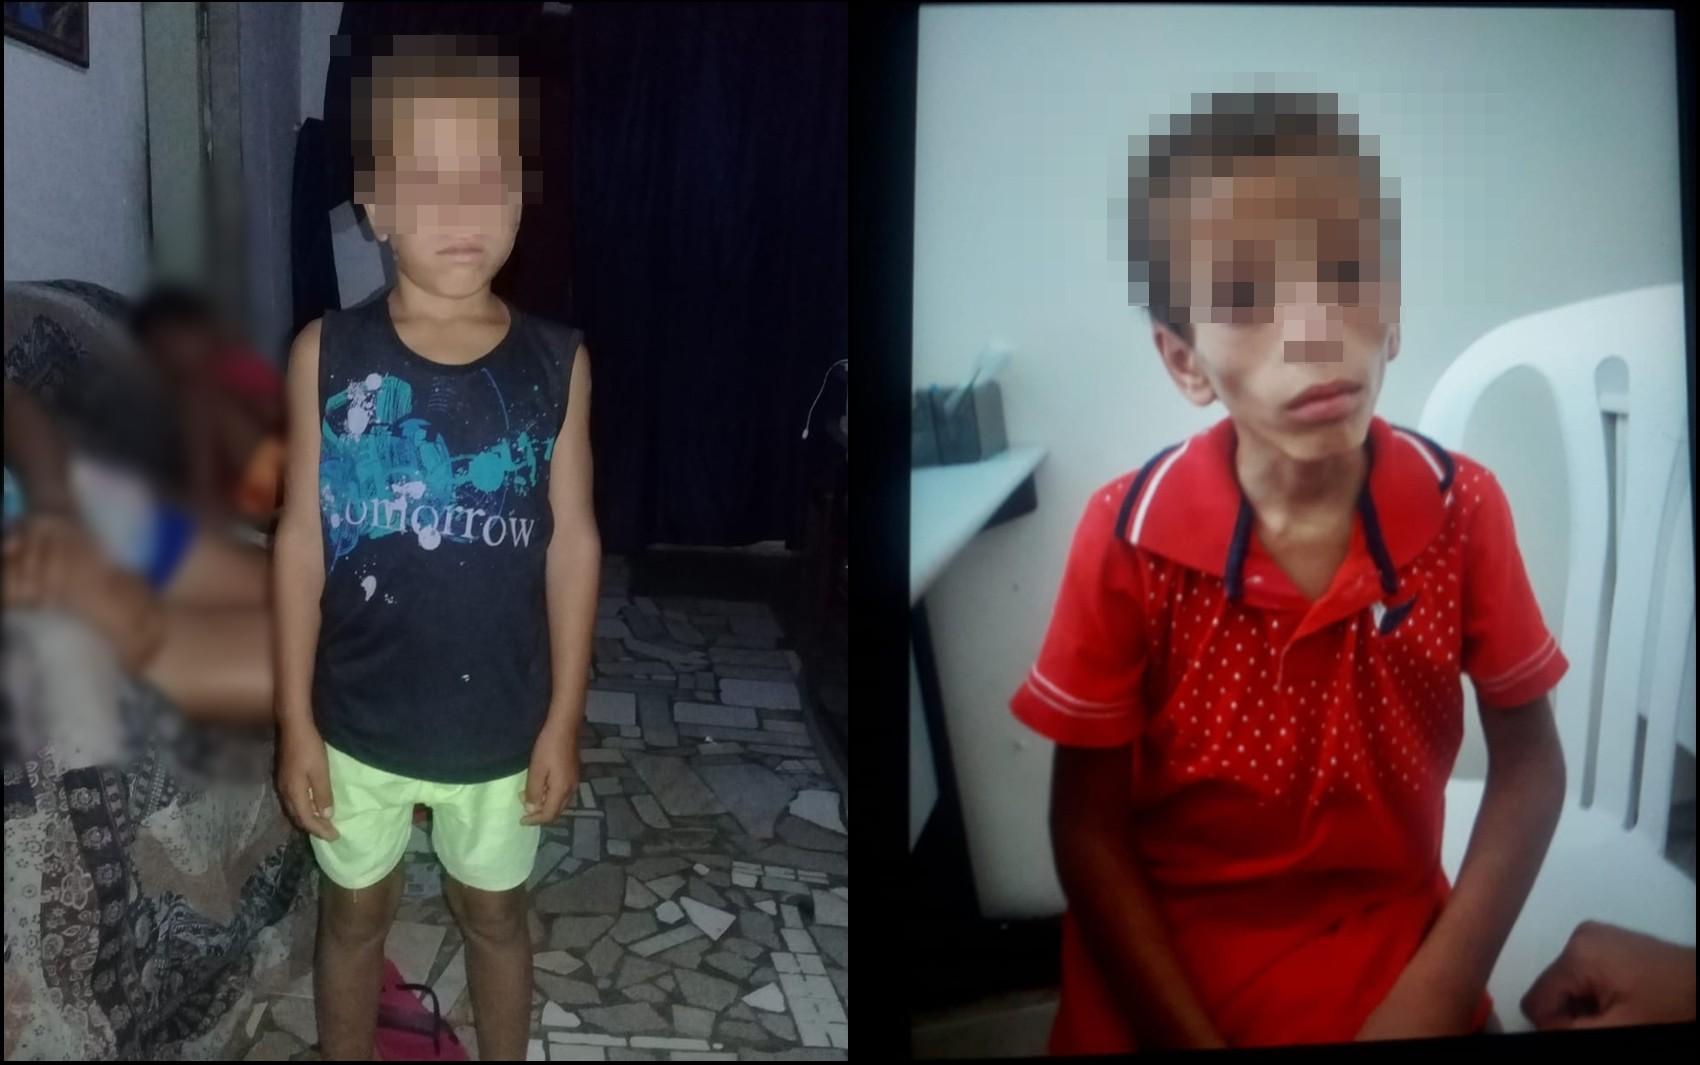 Laudo confirma que criança socorrida com desnutrição e lesões foi torturada, na PB - Notícias - Plantão Diário